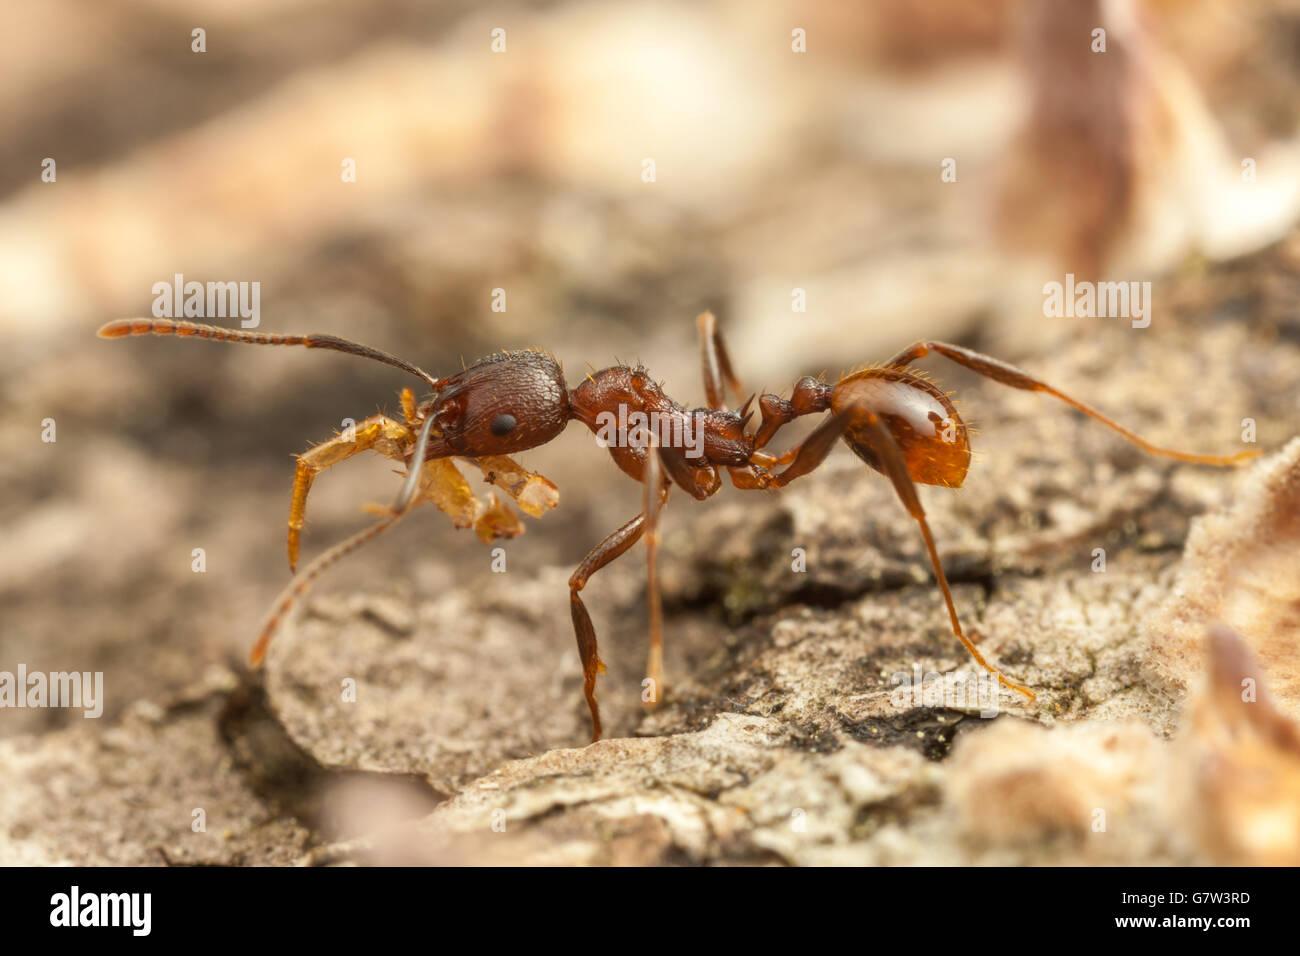 Un Spine-con cintura (hormiga Aphaenogaster fulva) wroker vetusta lleva comida a su nido en un árbol caído Imagen De Stock